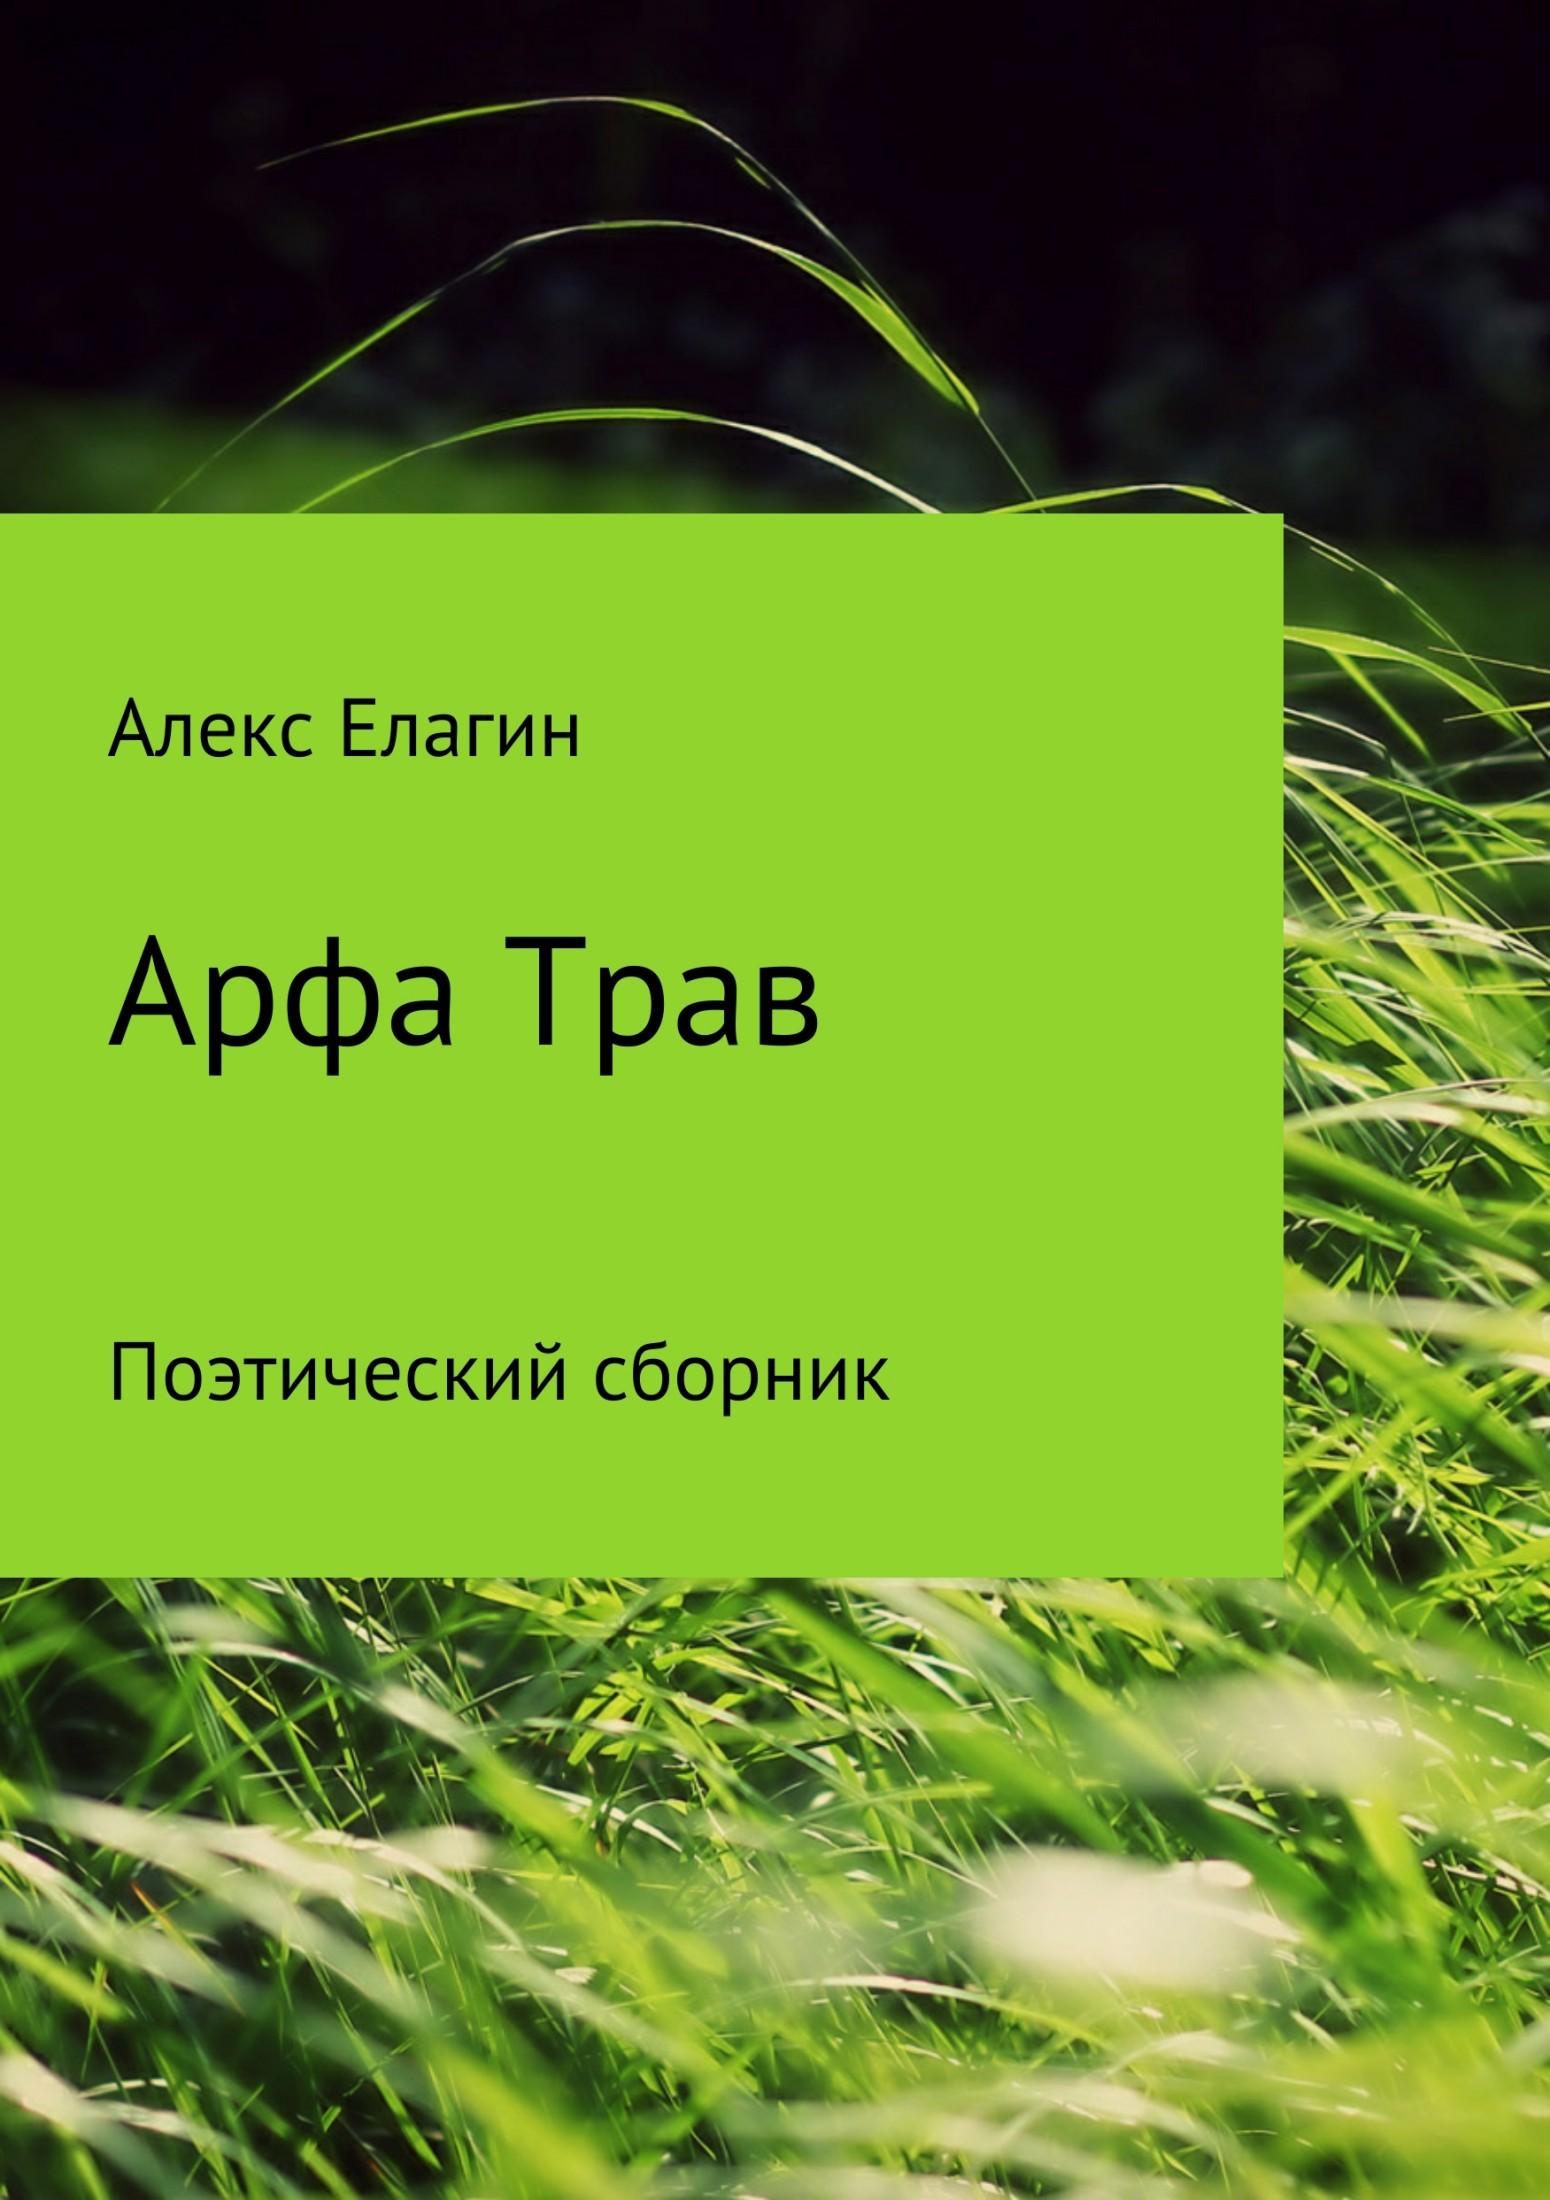 Книга Арфа Трав. Сборник стихотворений